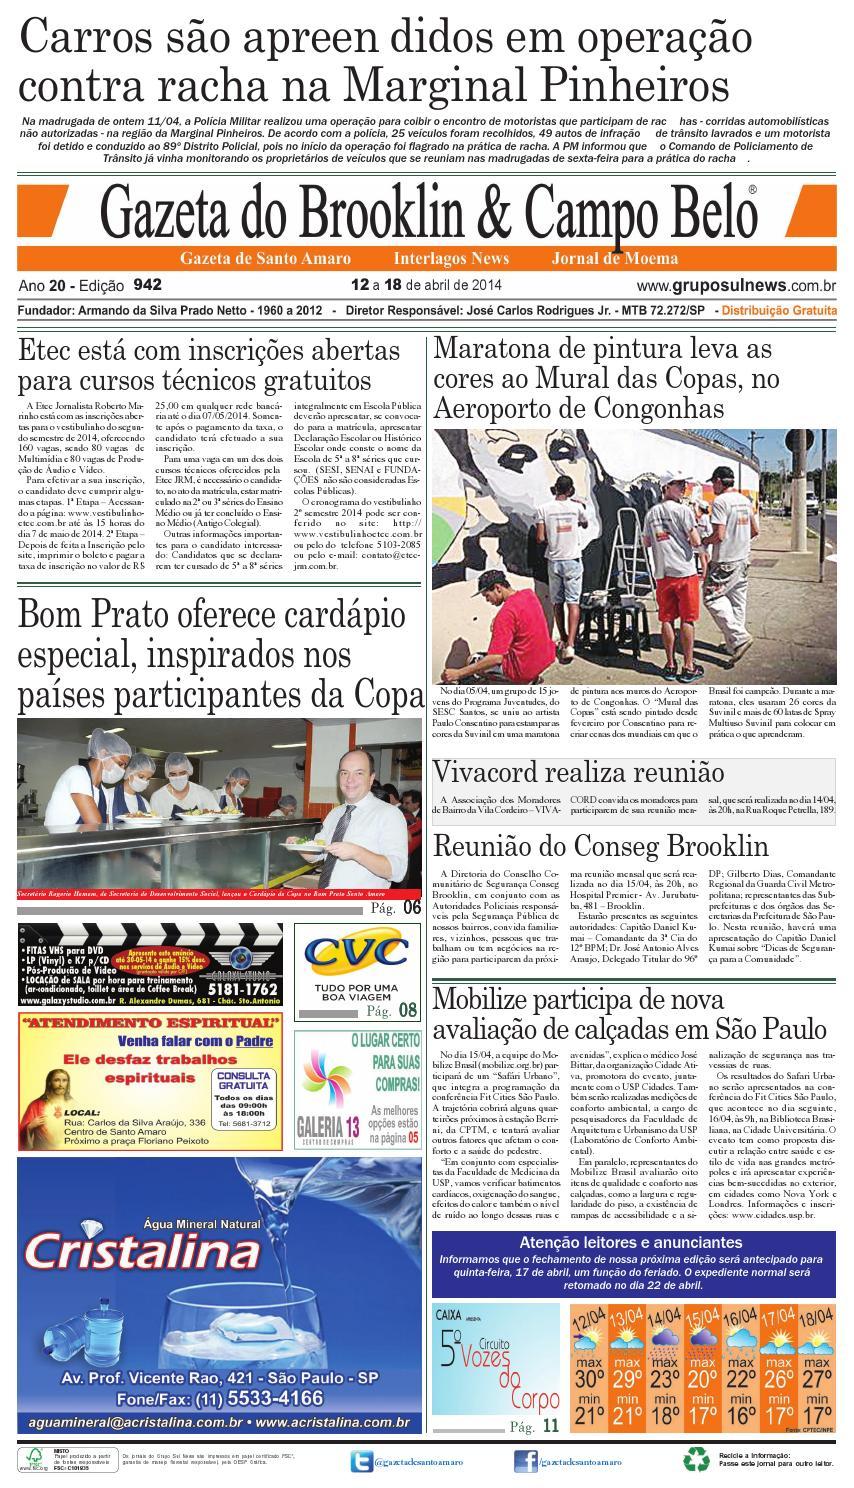 669af824a2 Edição 942 - 12 a 18 de abril de 2014 by Grupo Sul News - issuu